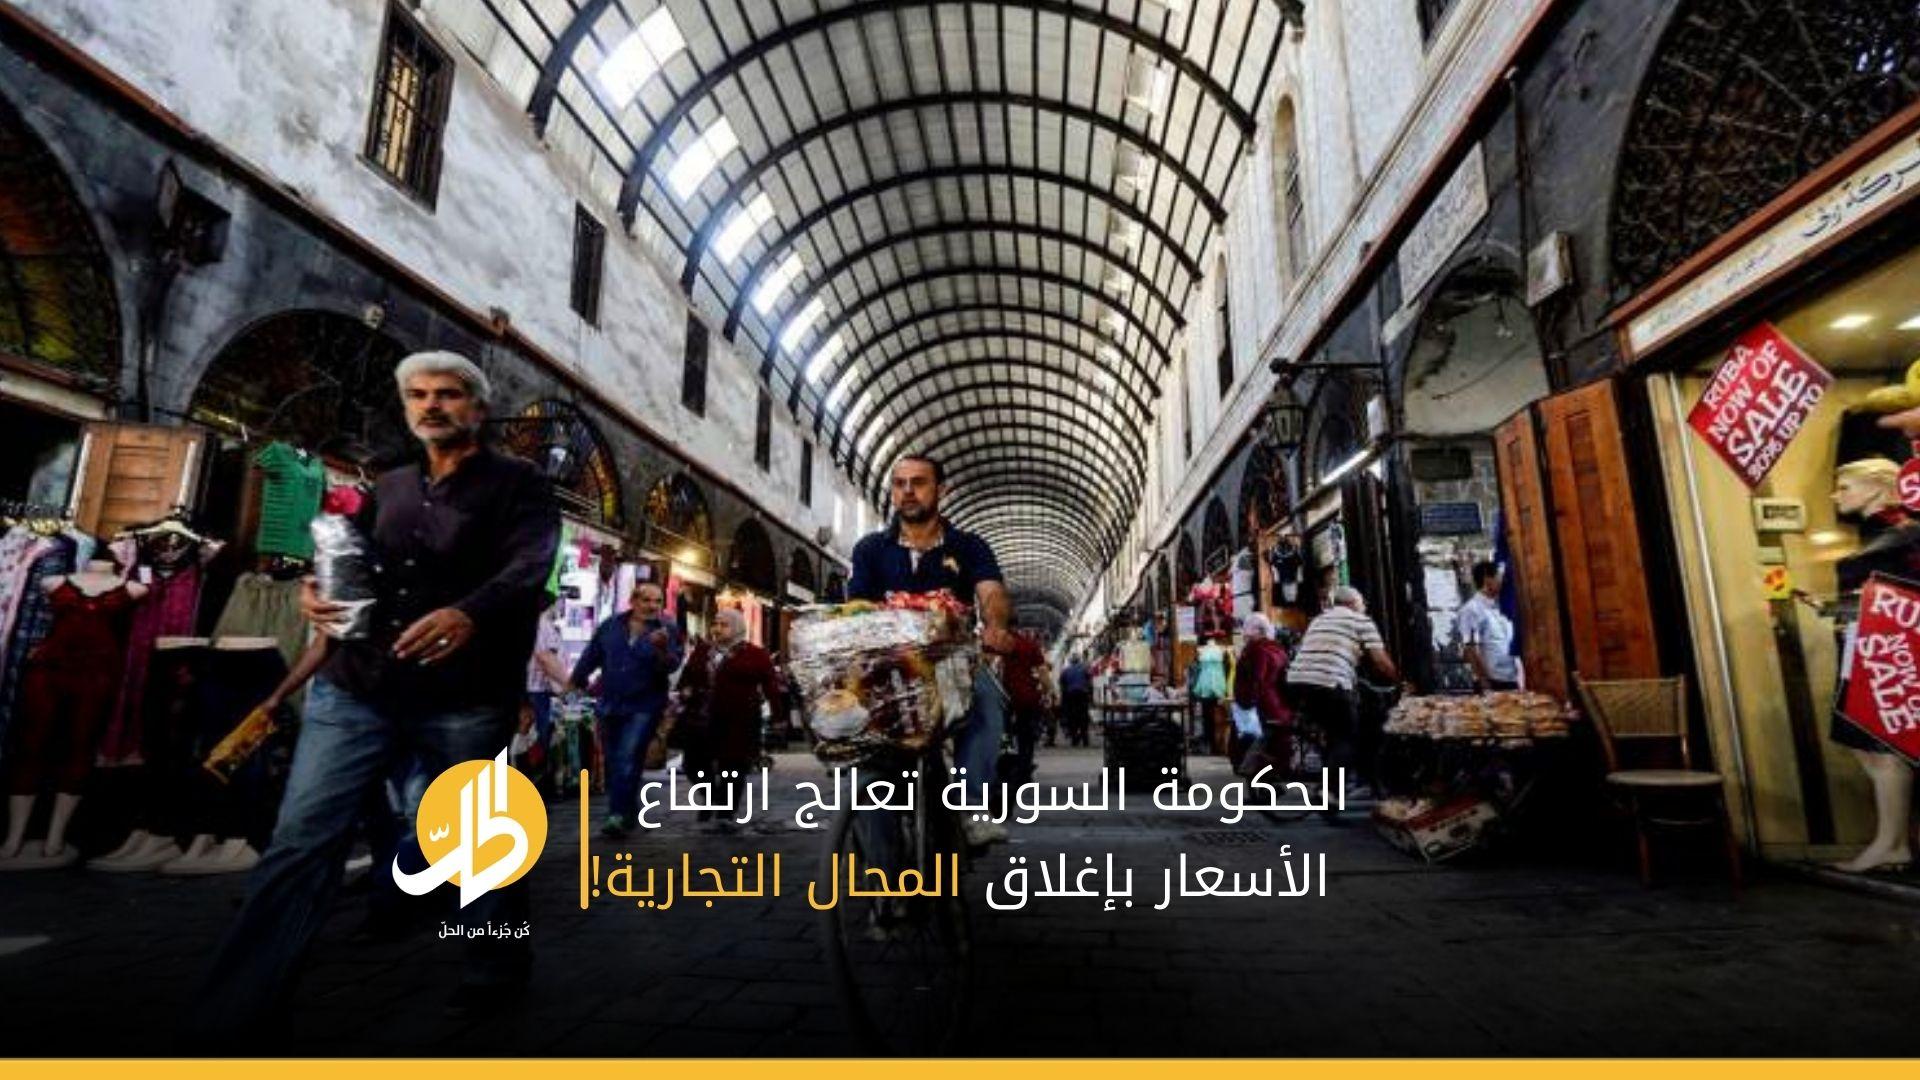 الحكومة السورية تعالج ارتفاع الأسعار بإغلاق المحال التجارية!